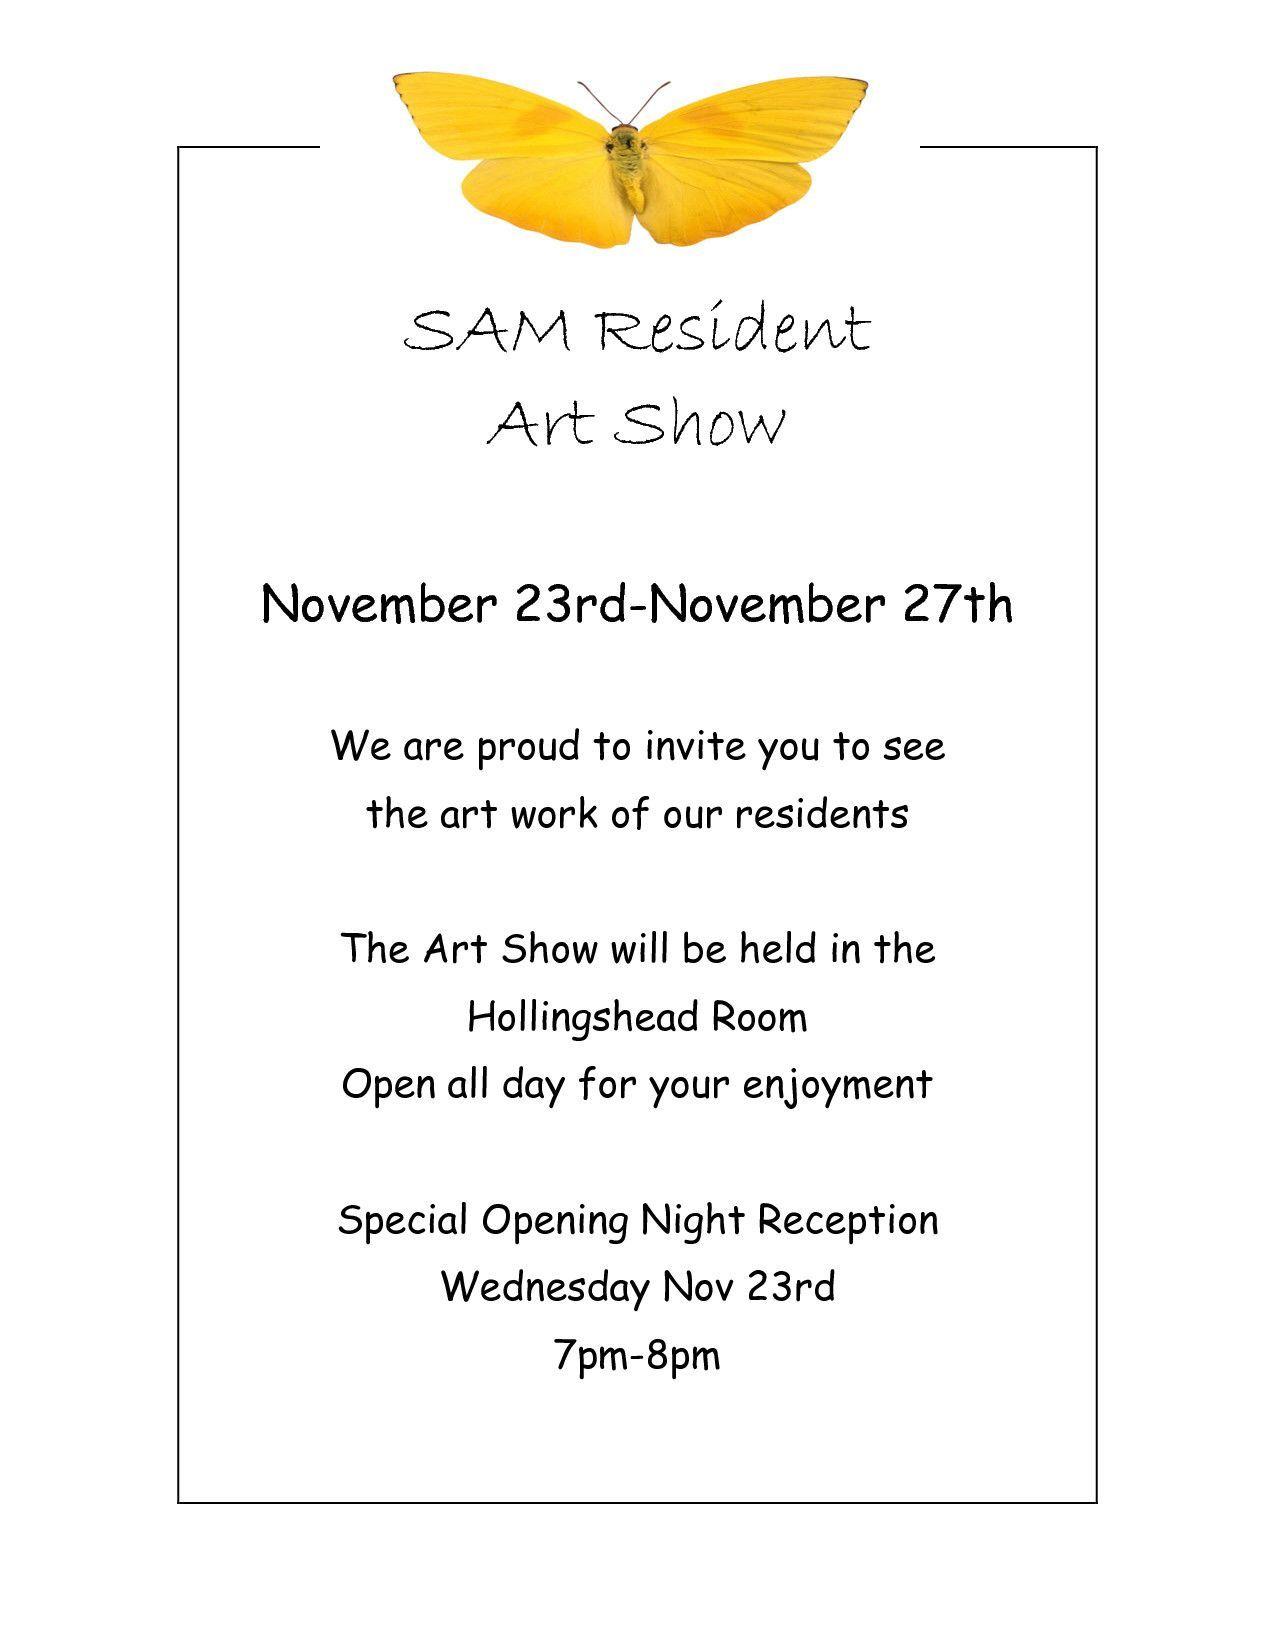 Art Show Invitation Template Inspirational Art Exhibition Invitation Card Templa Art Show Invit Invitation Template Printable Invitation Templates Art Show